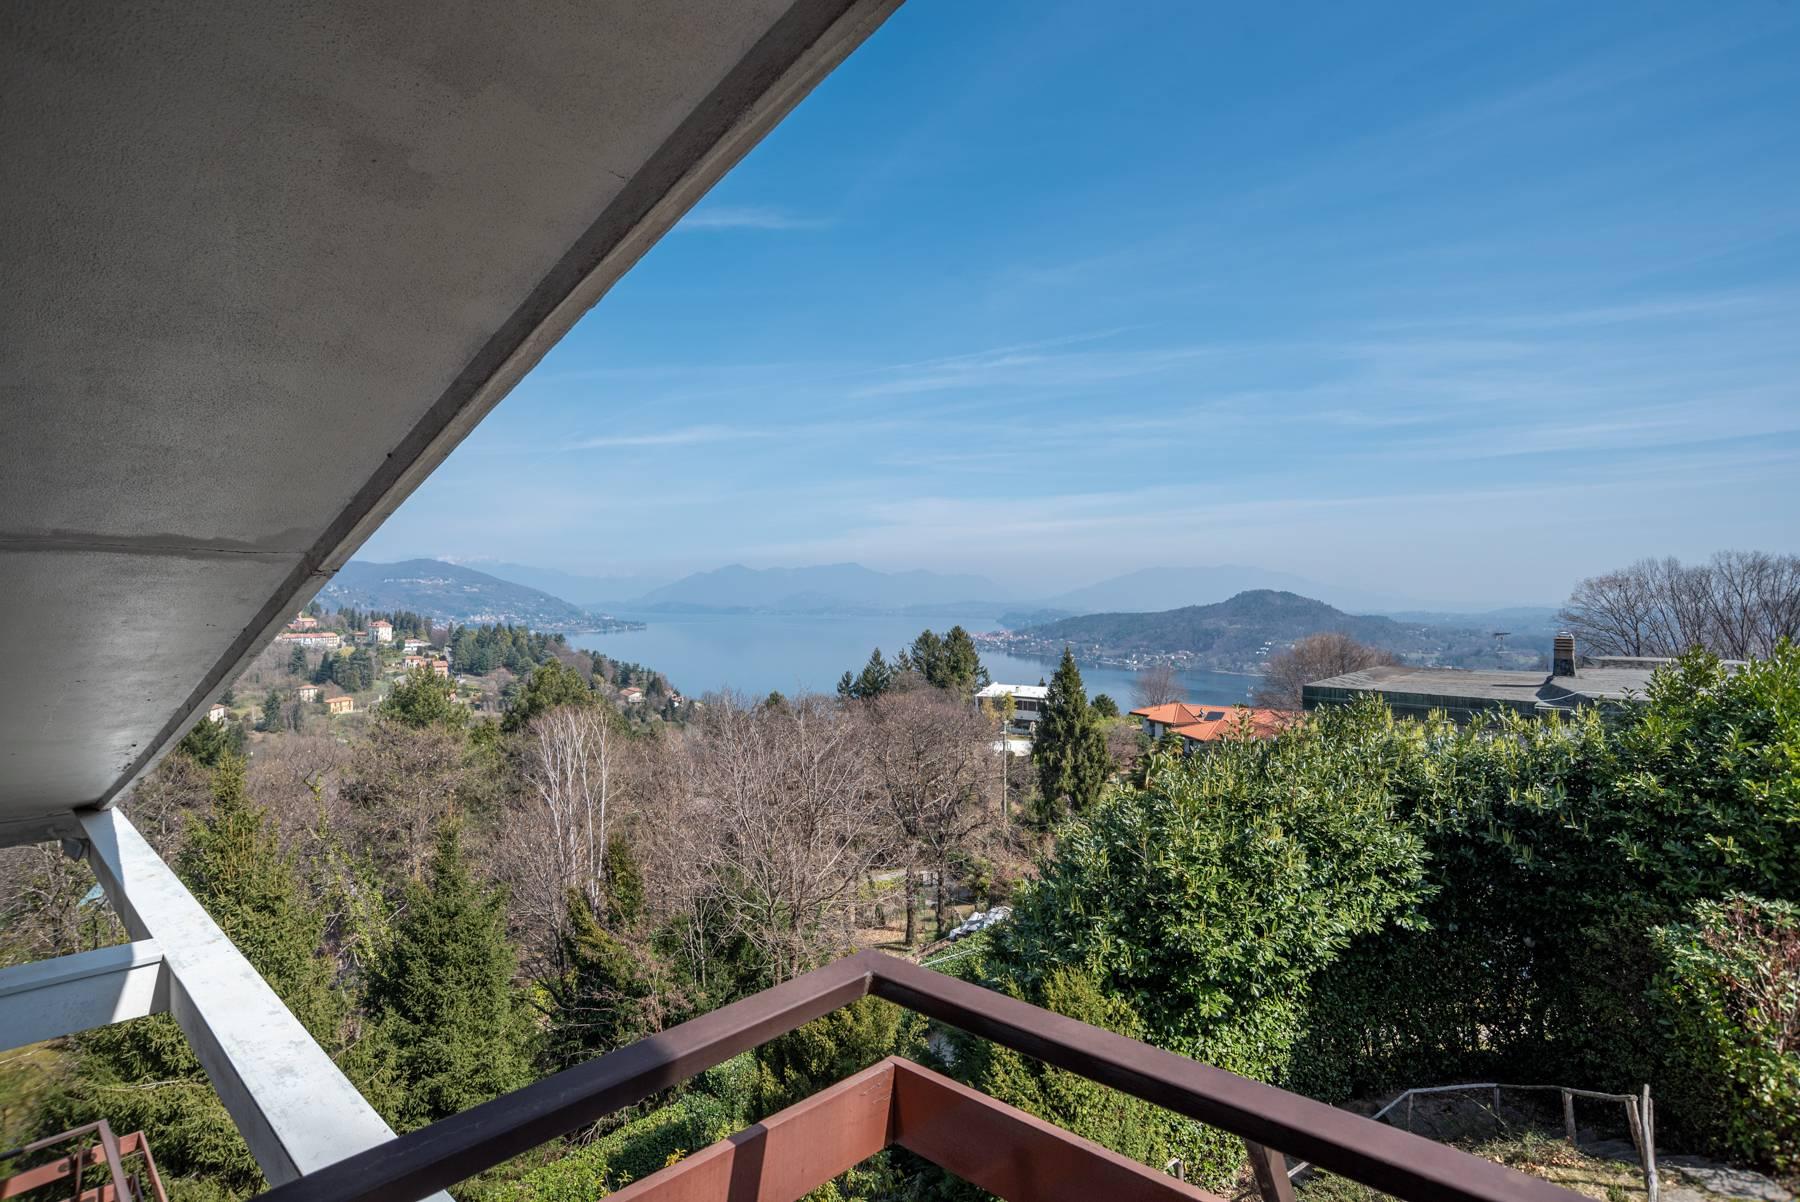 Villa in Vendita a Arona: 5 locali, 350 mq - Foto 7